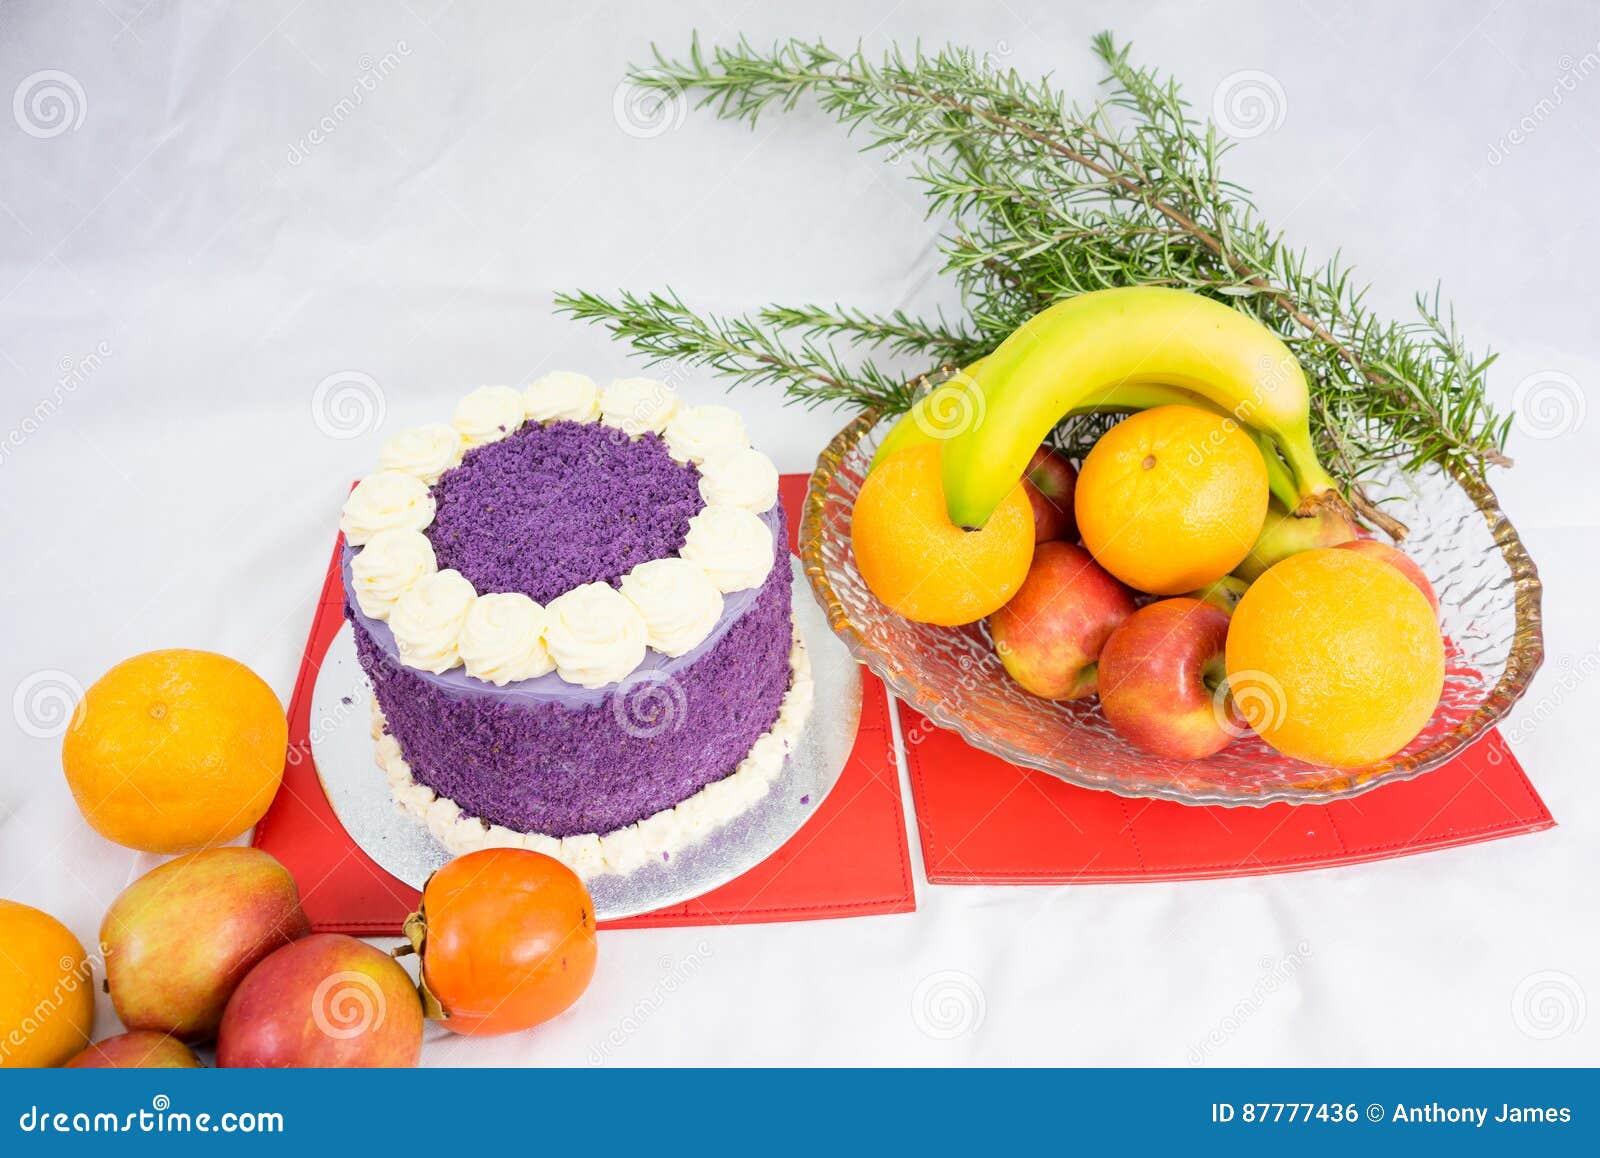 Organic Natural Strawberry Cake